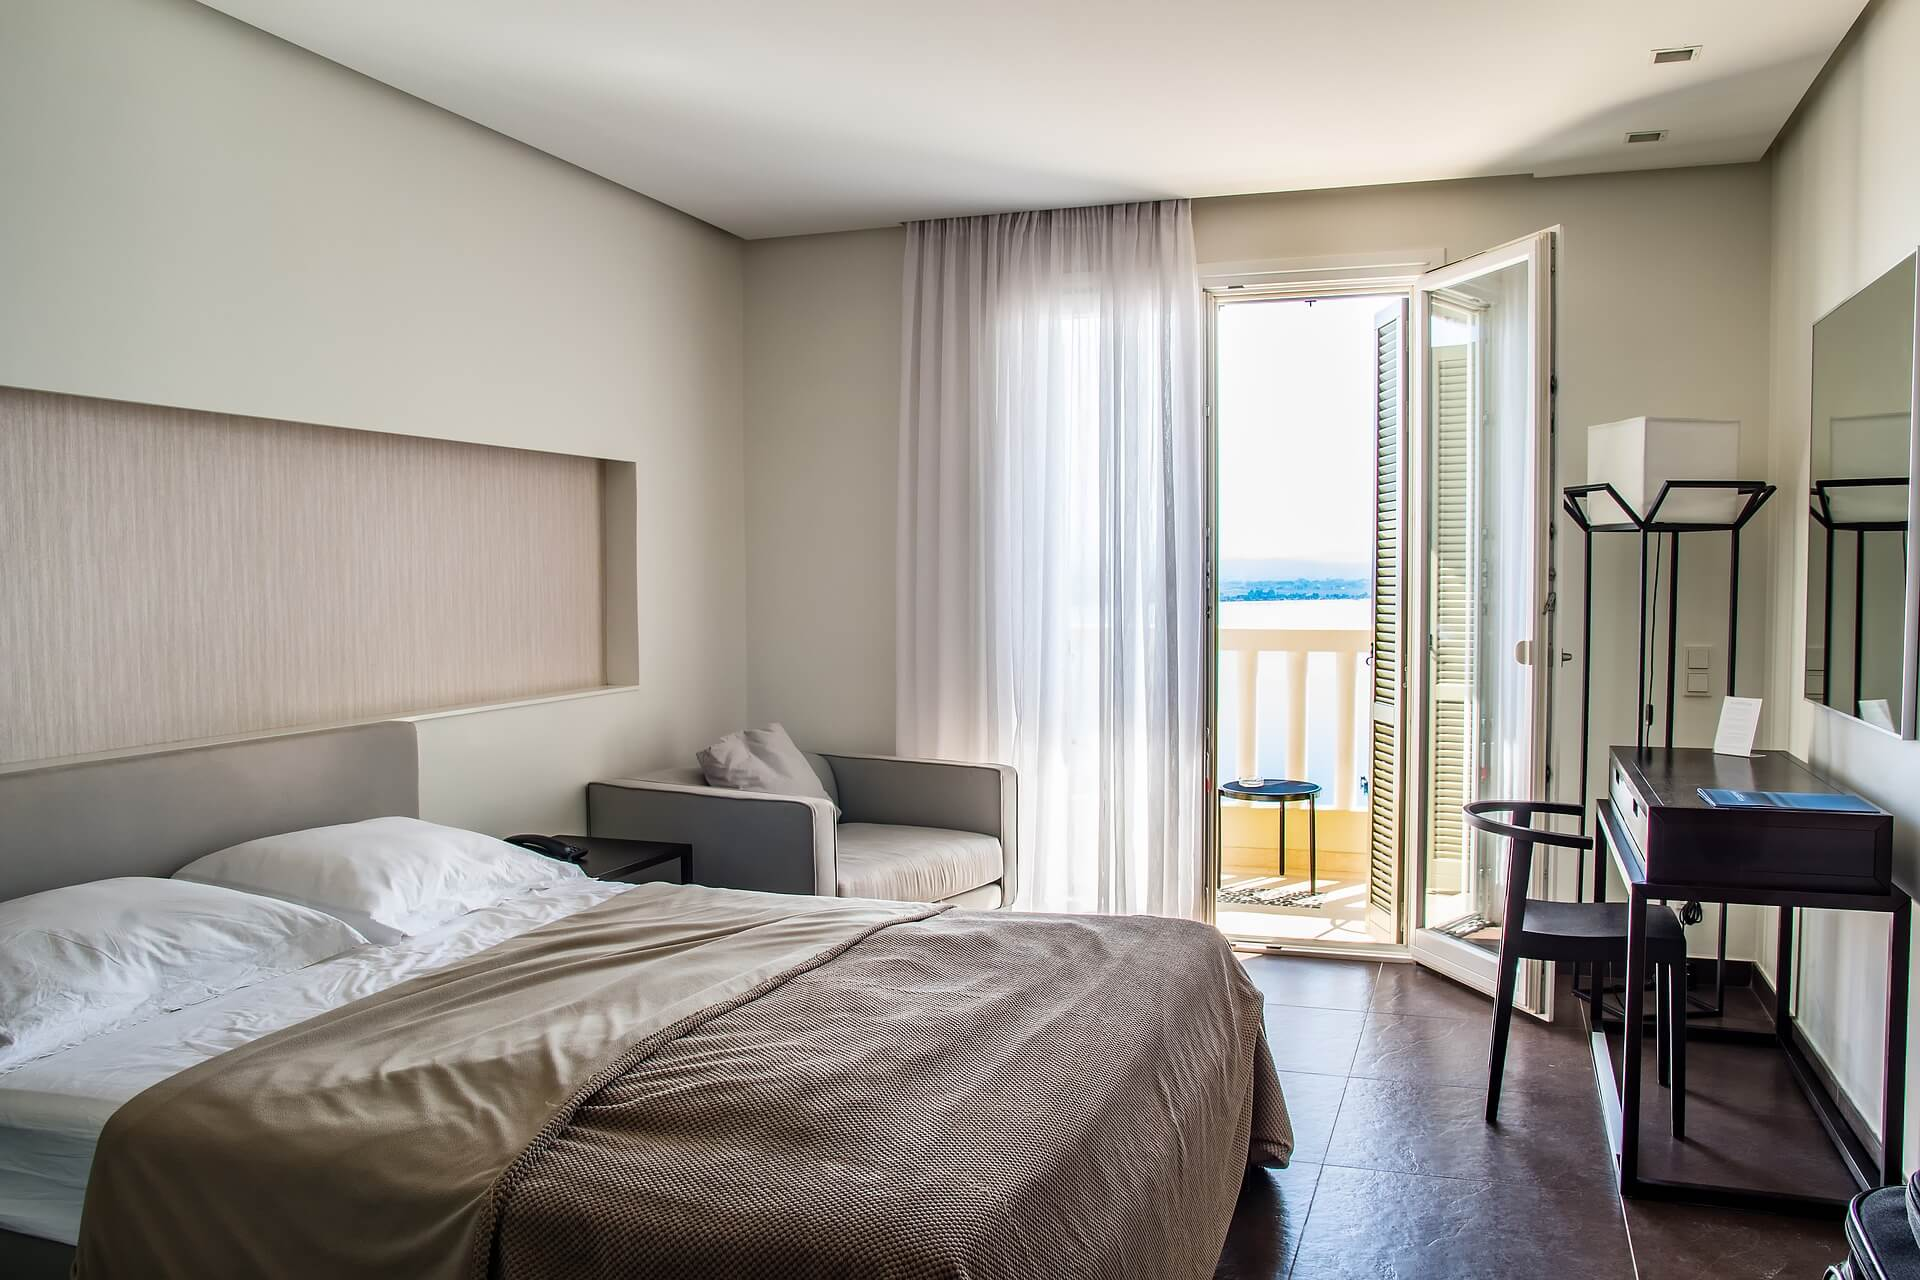 slaapkamer ideeën voor kleine ruimtes